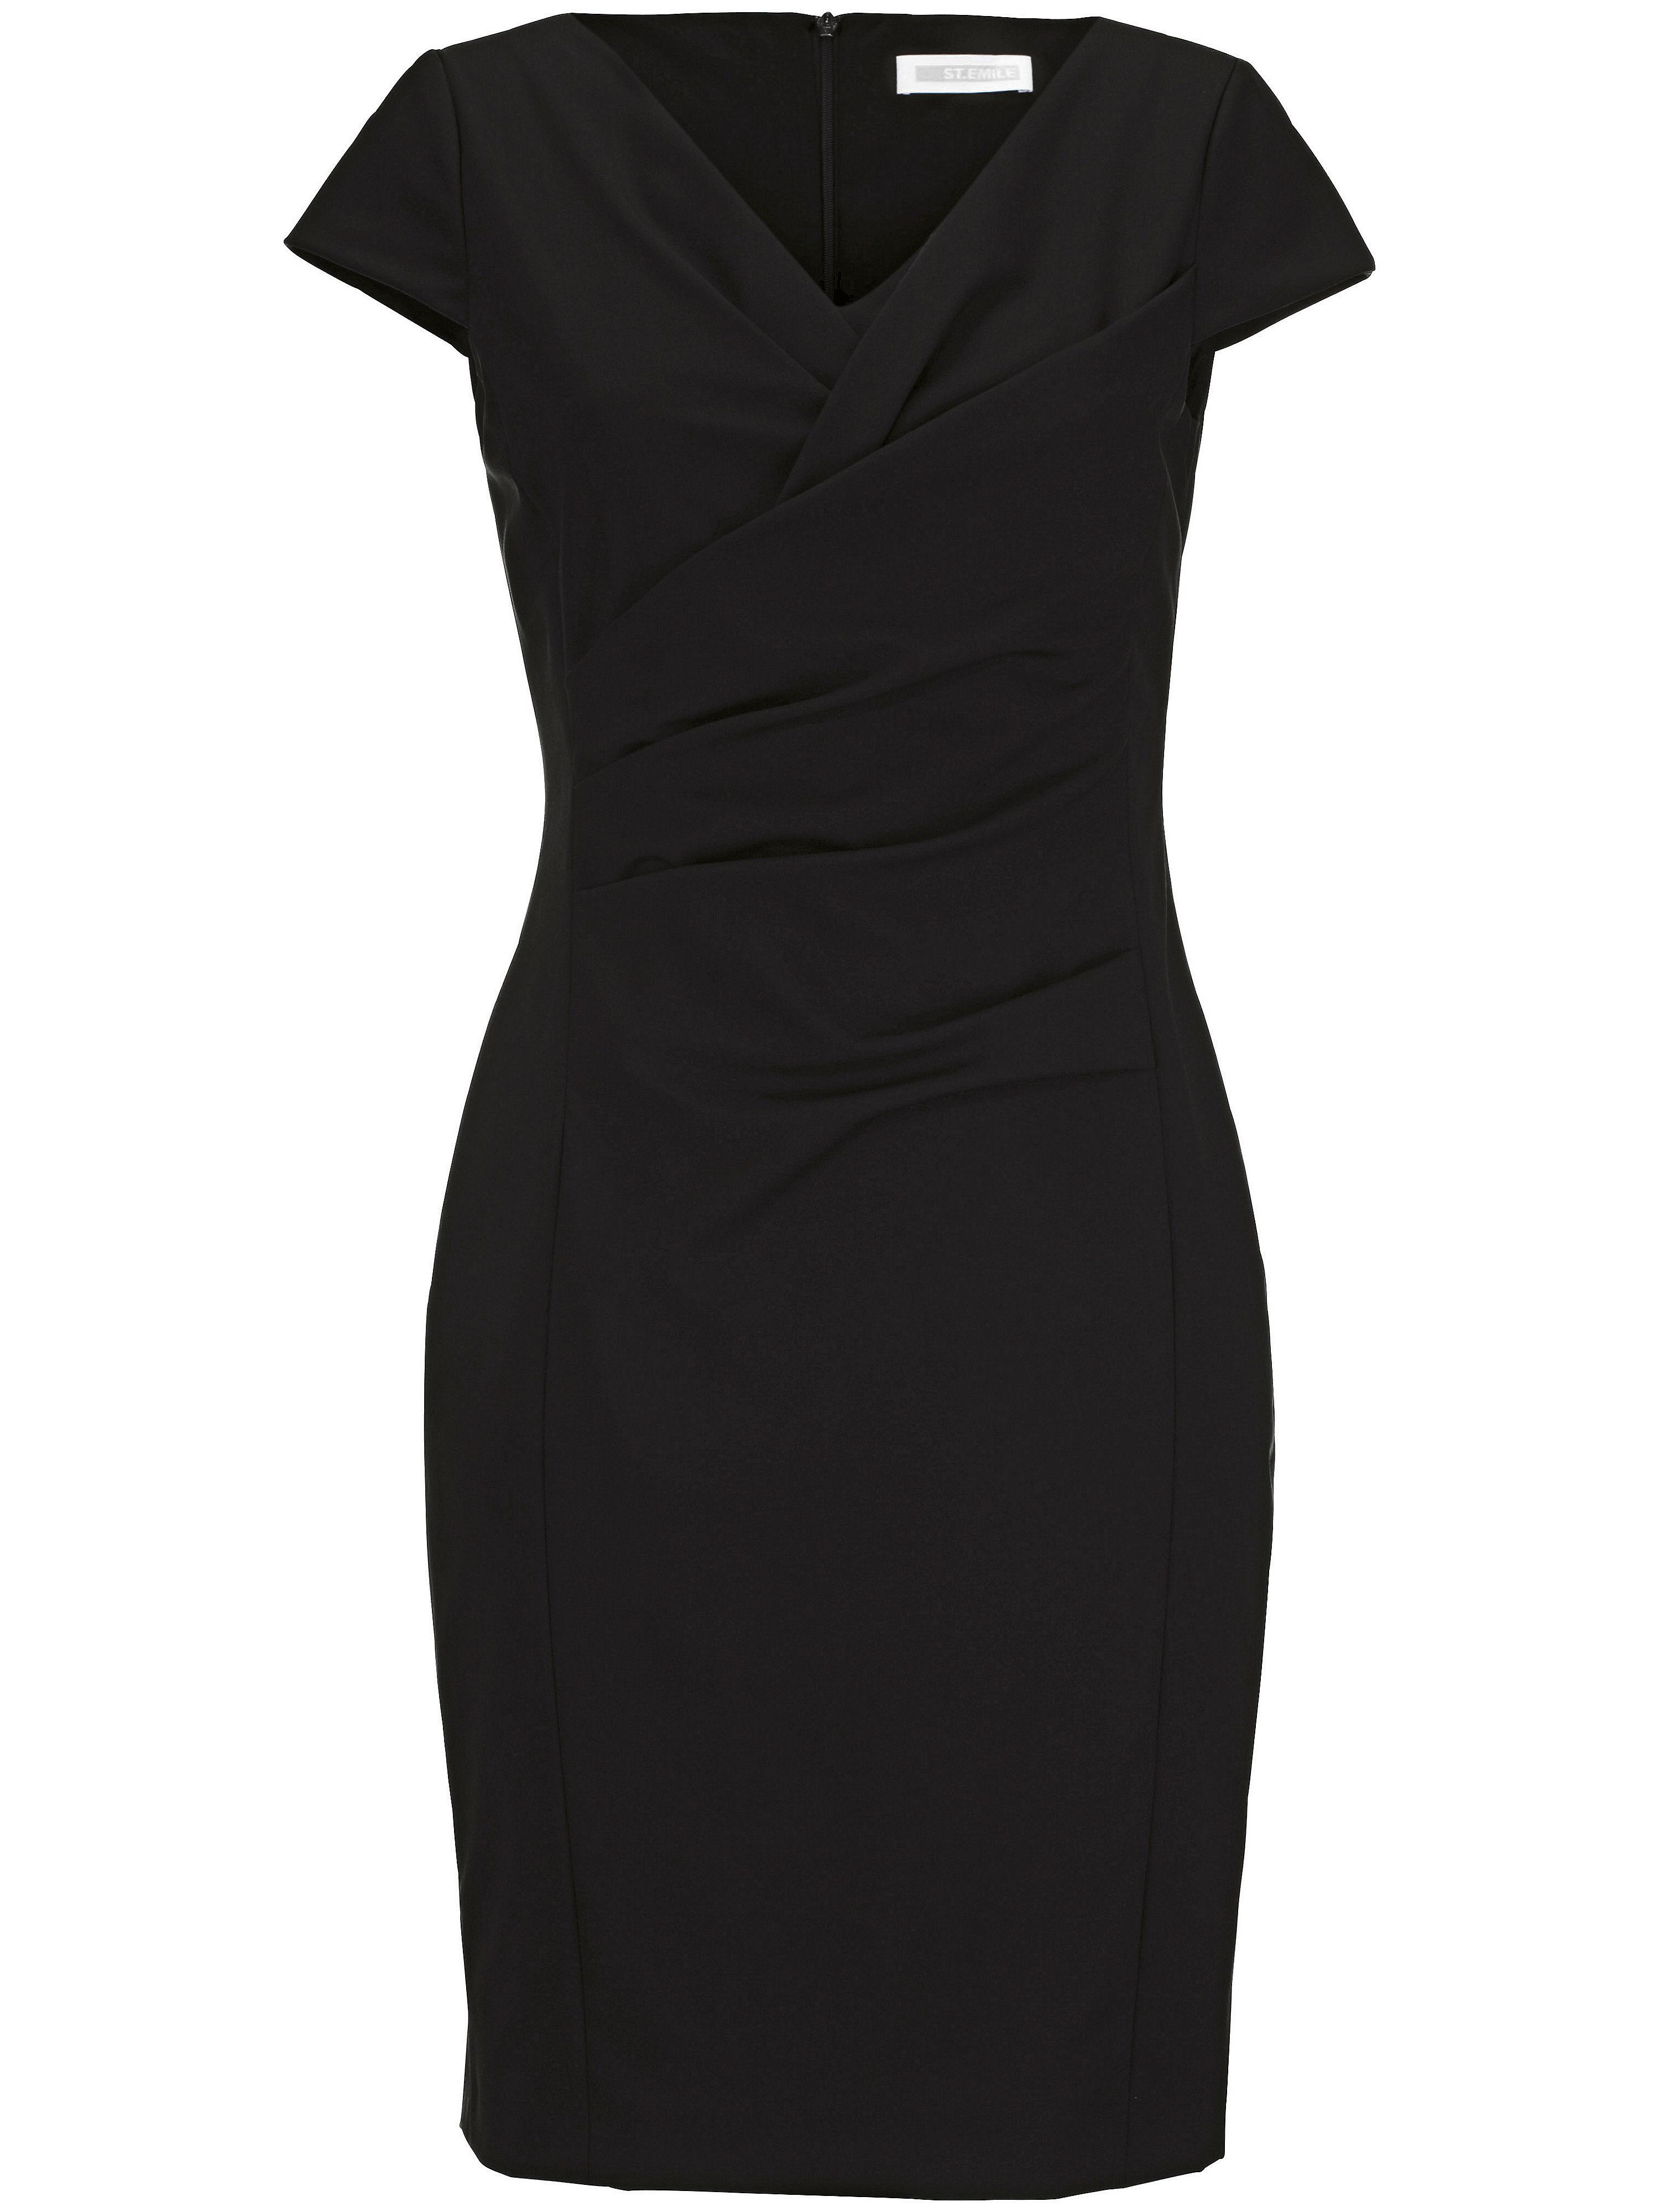 Etui-Kleid St. Emile schwarz